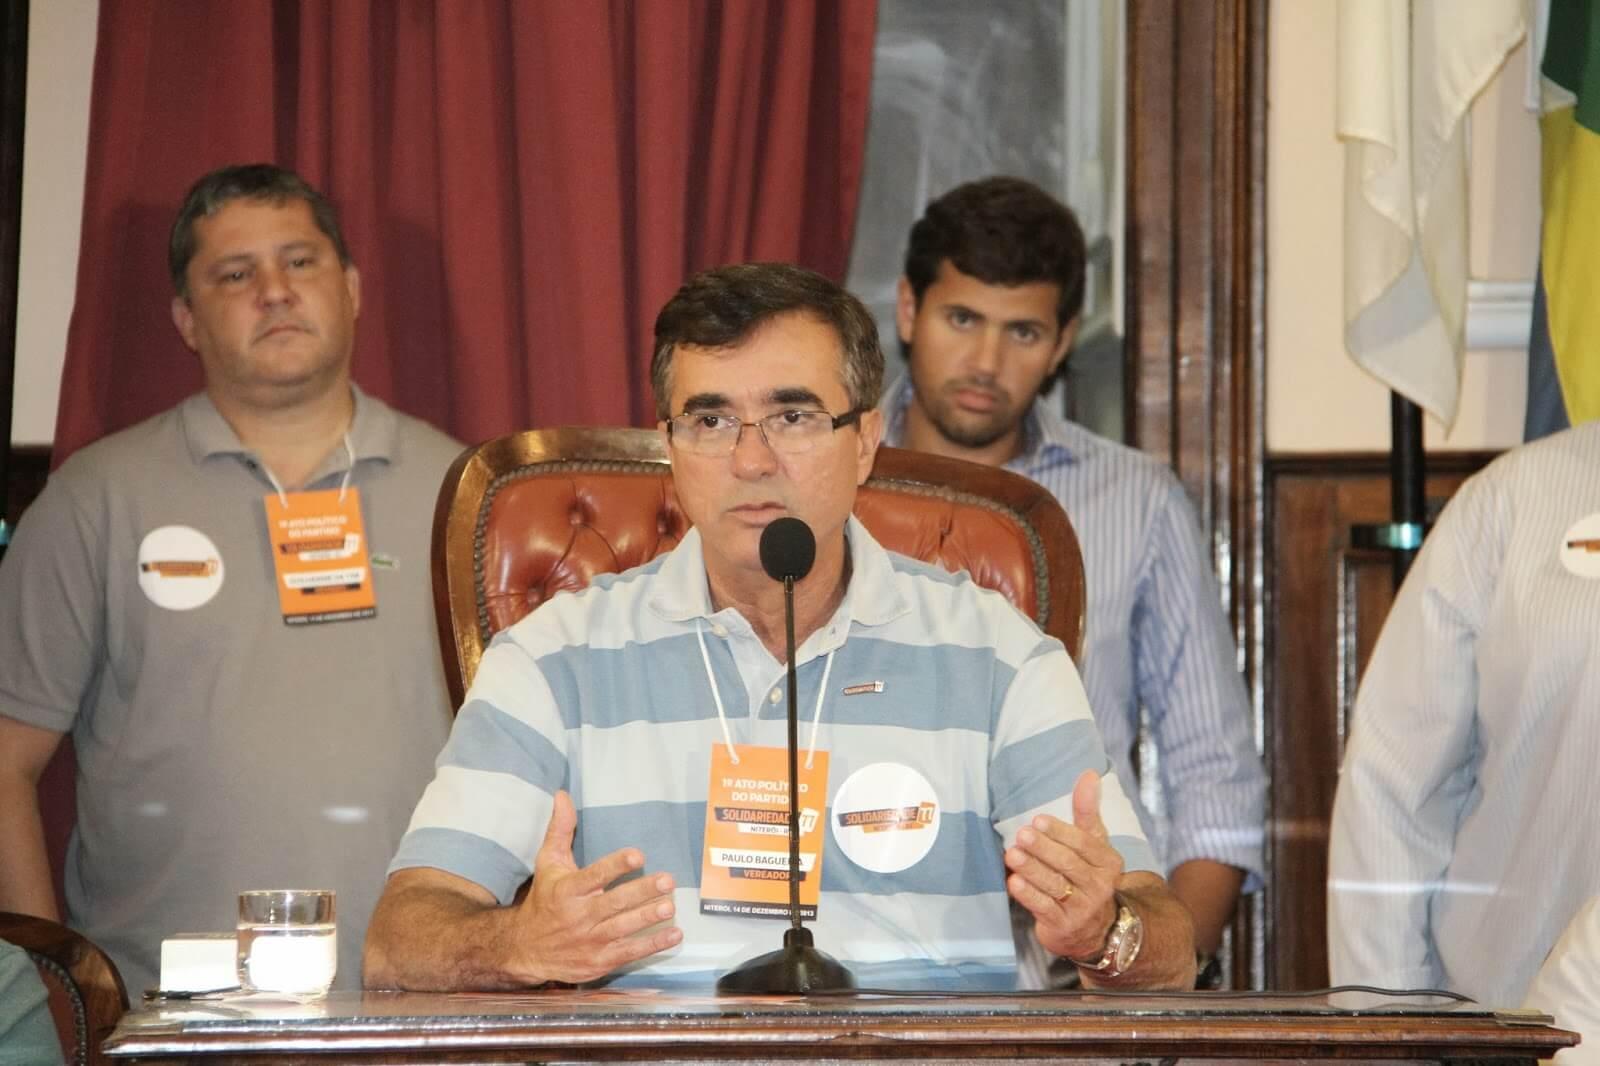 Bagueira é o presidente do Partido Solidariedade em Niterói